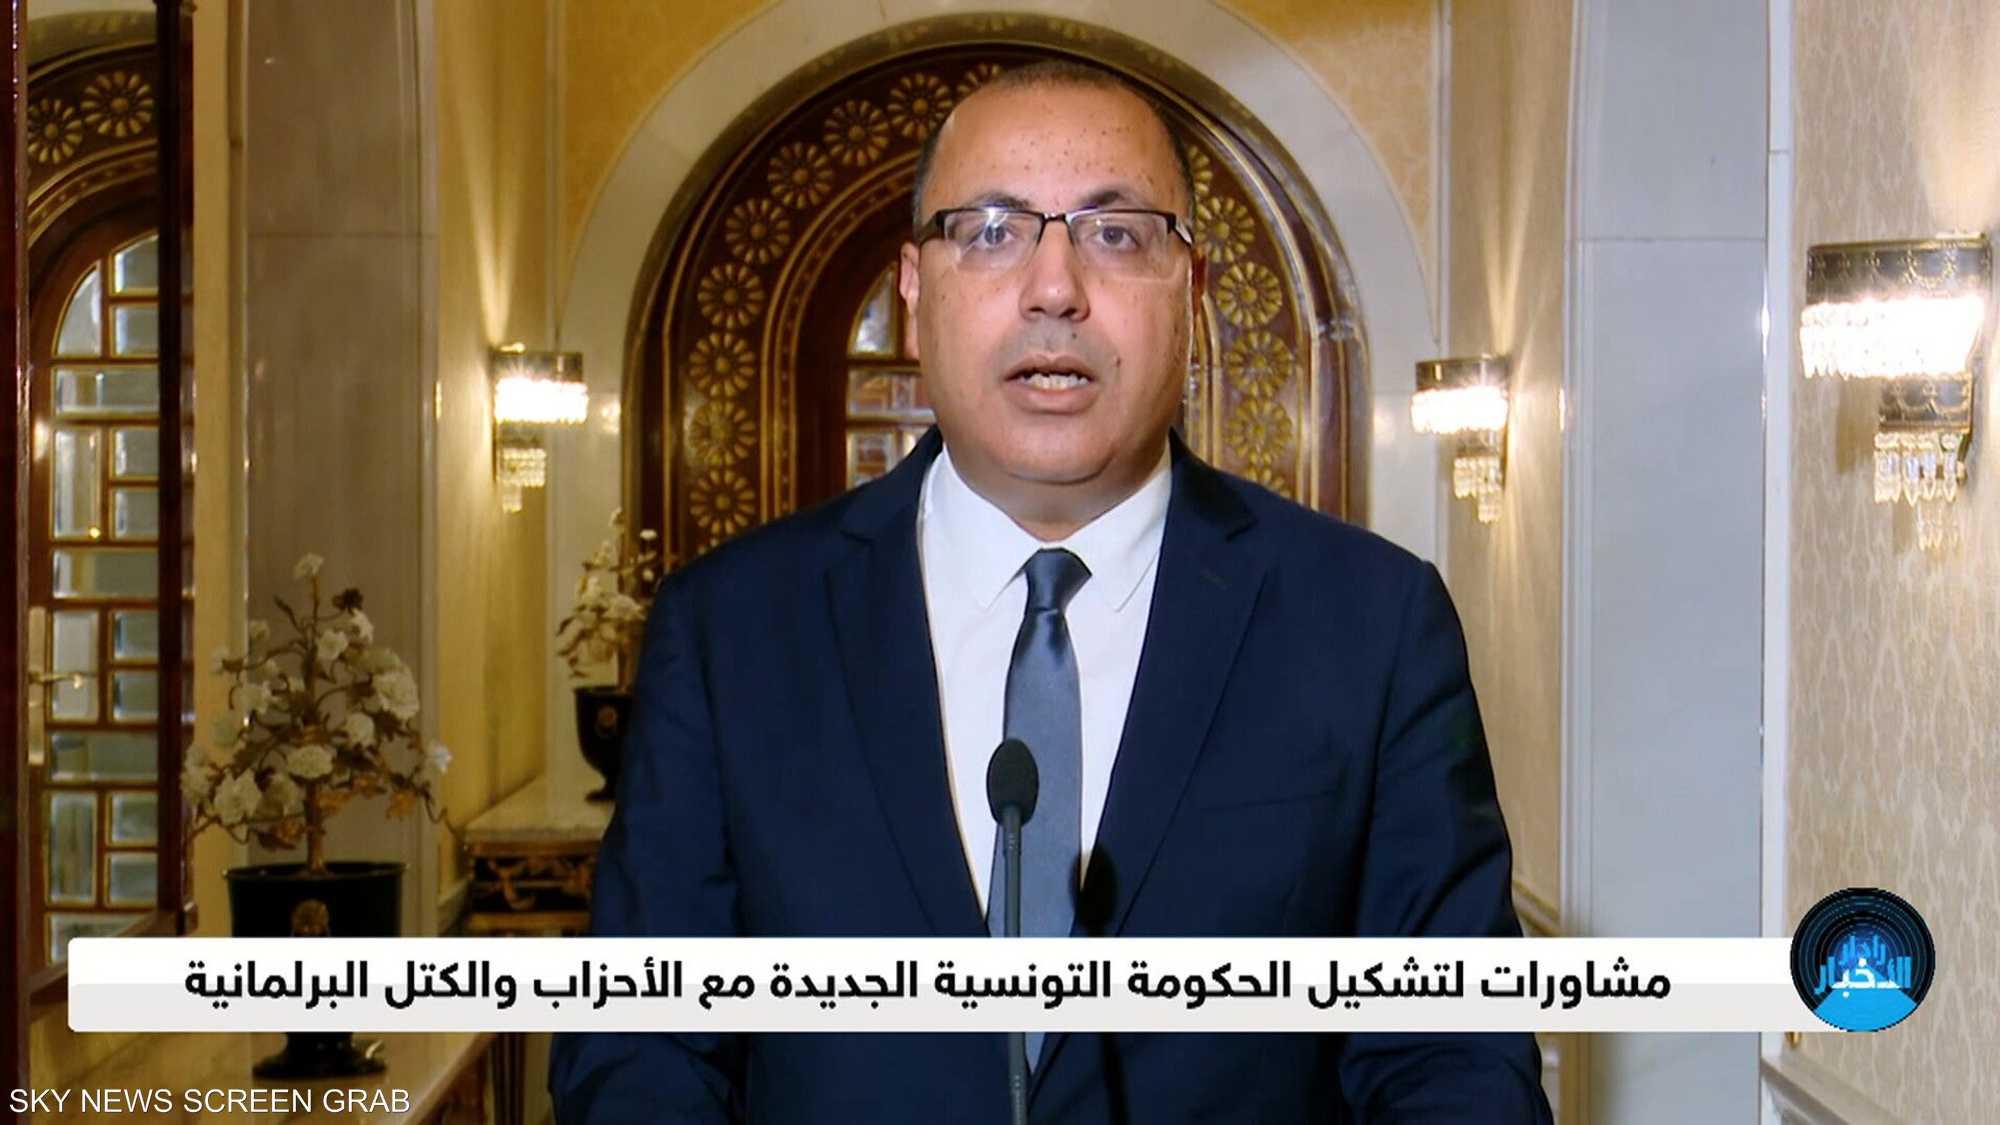 المشيشي: الحكومة المقبلة ستكون حكومة كل التونسيين